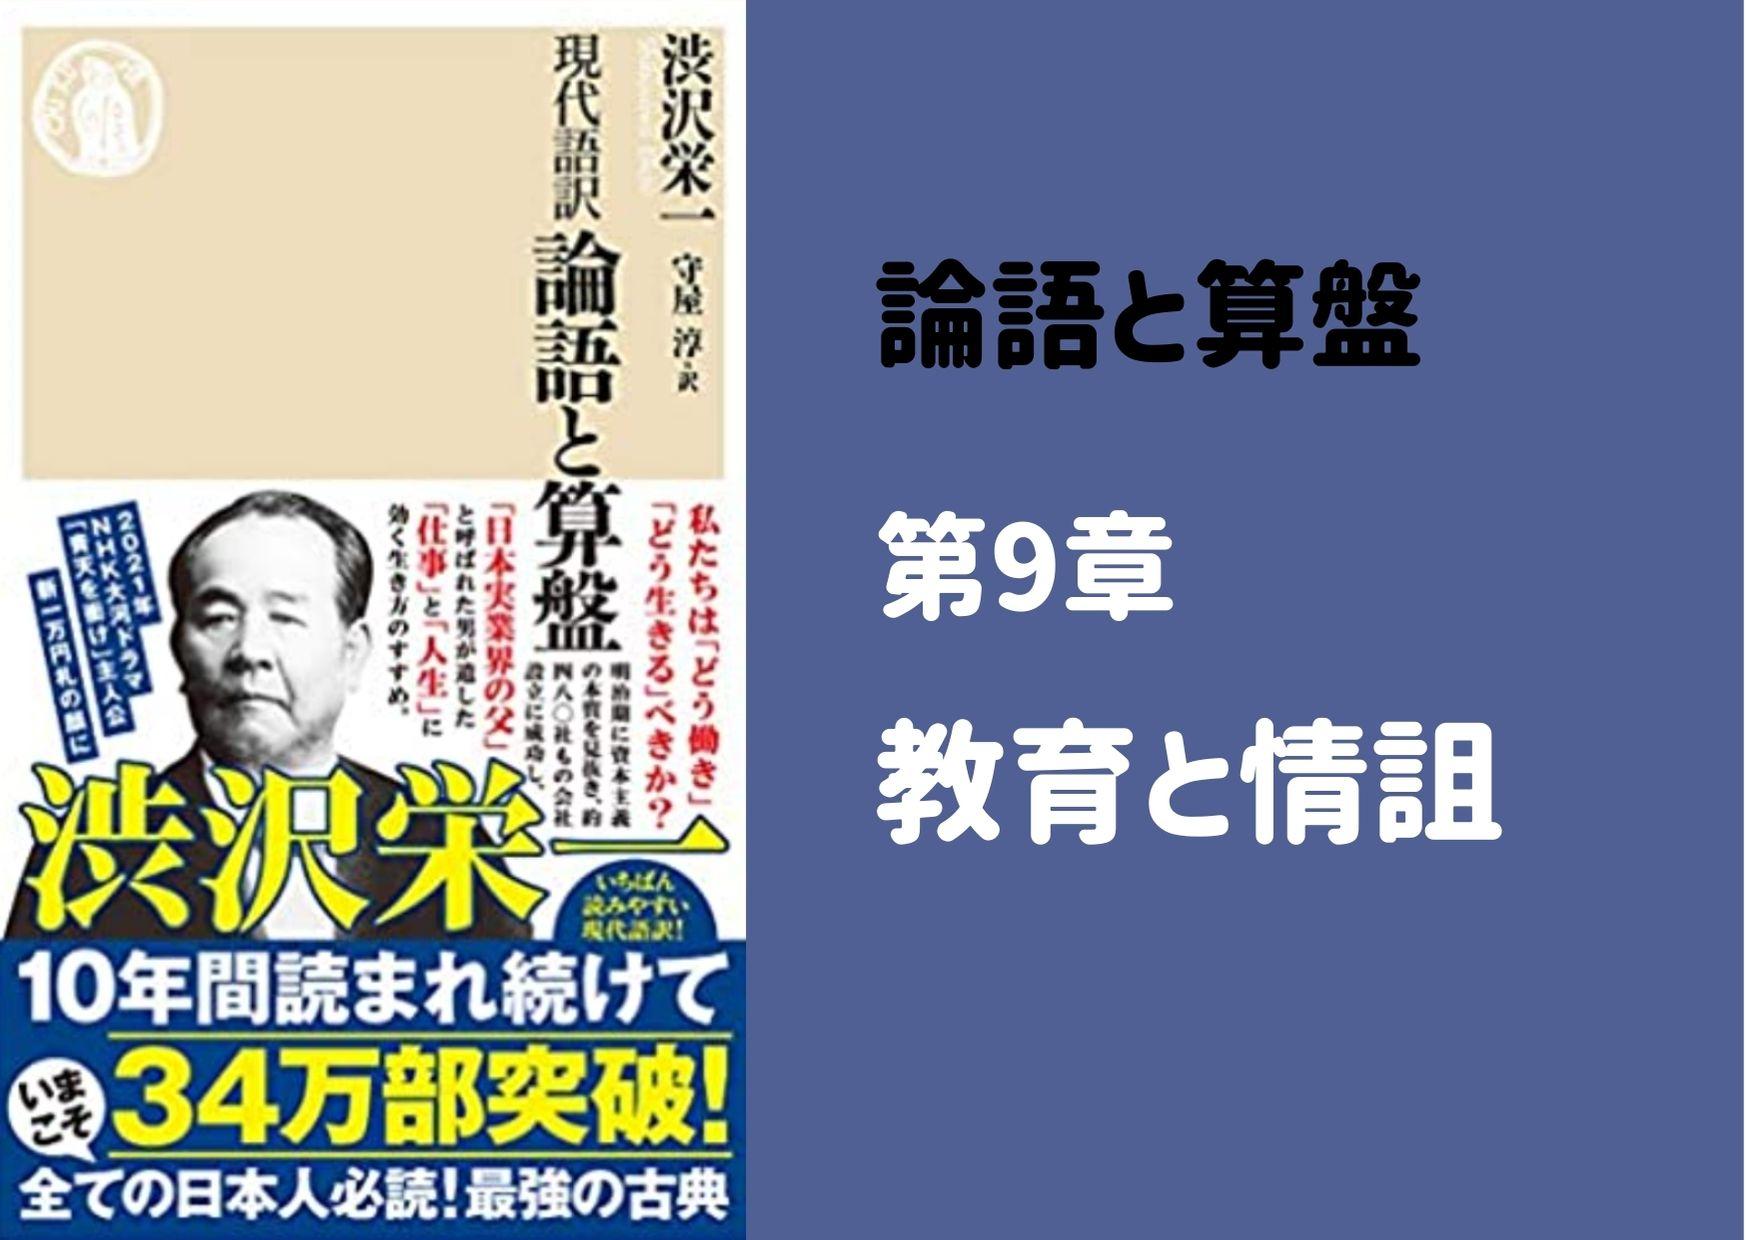 渋沢栄一『現代語訳:論語と算盤』第9章「教育と情詛」の要約まとめ